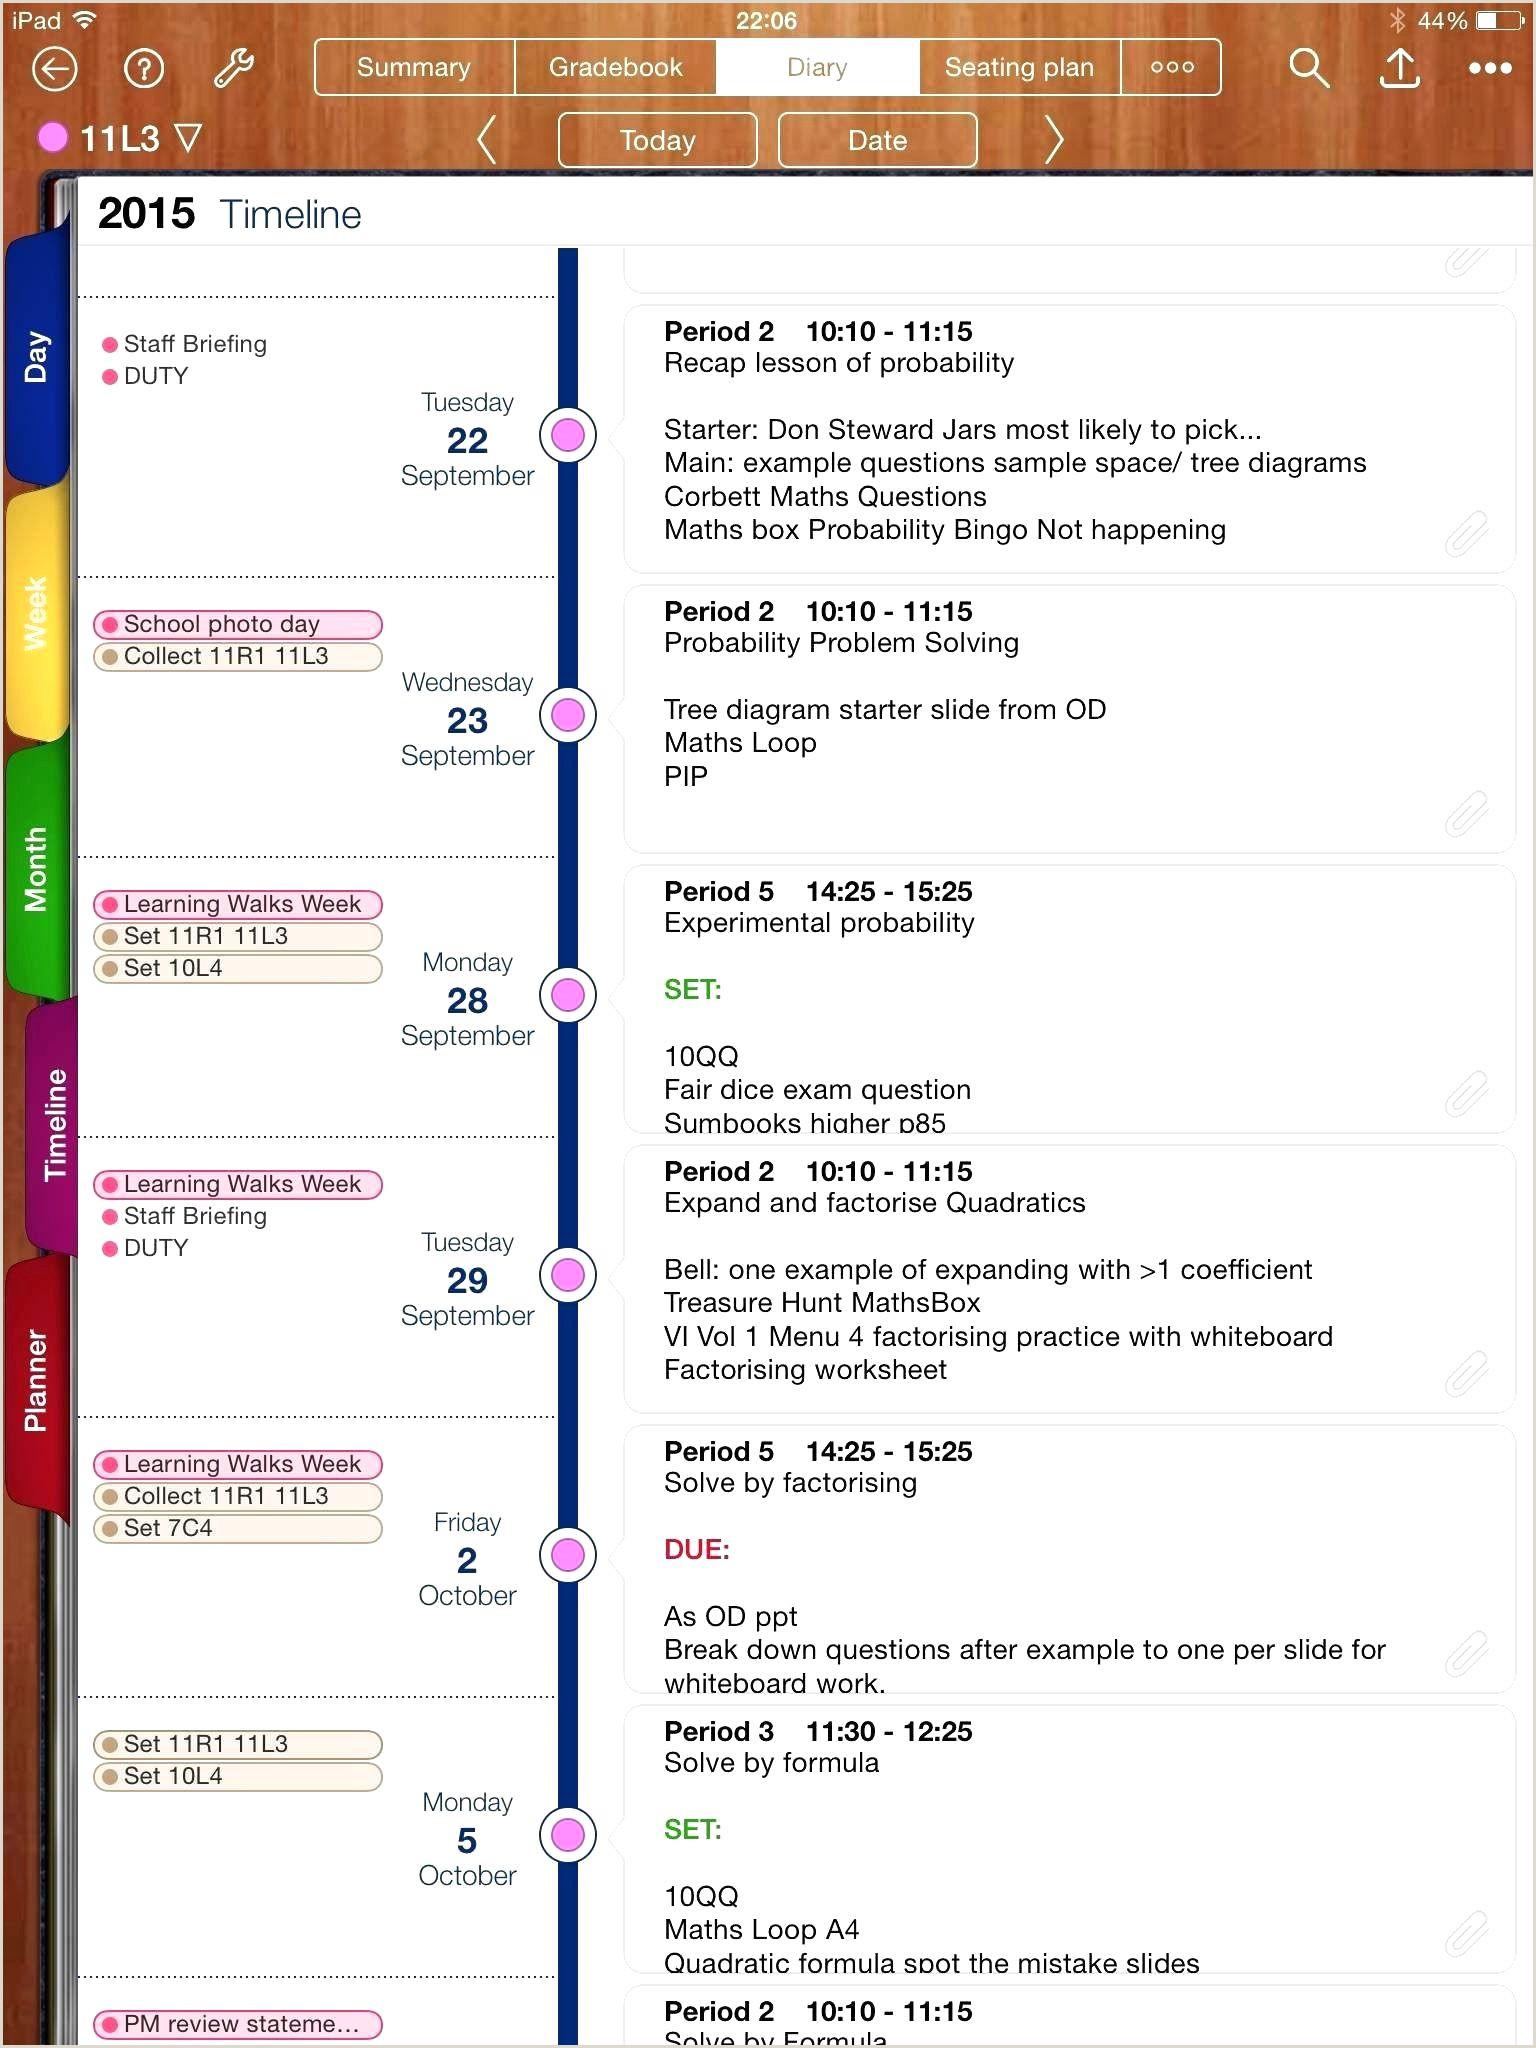 Lebenslauf Muster Herunterladen Kostenlos 15 Lebenslauf Muster Kostenlos Word